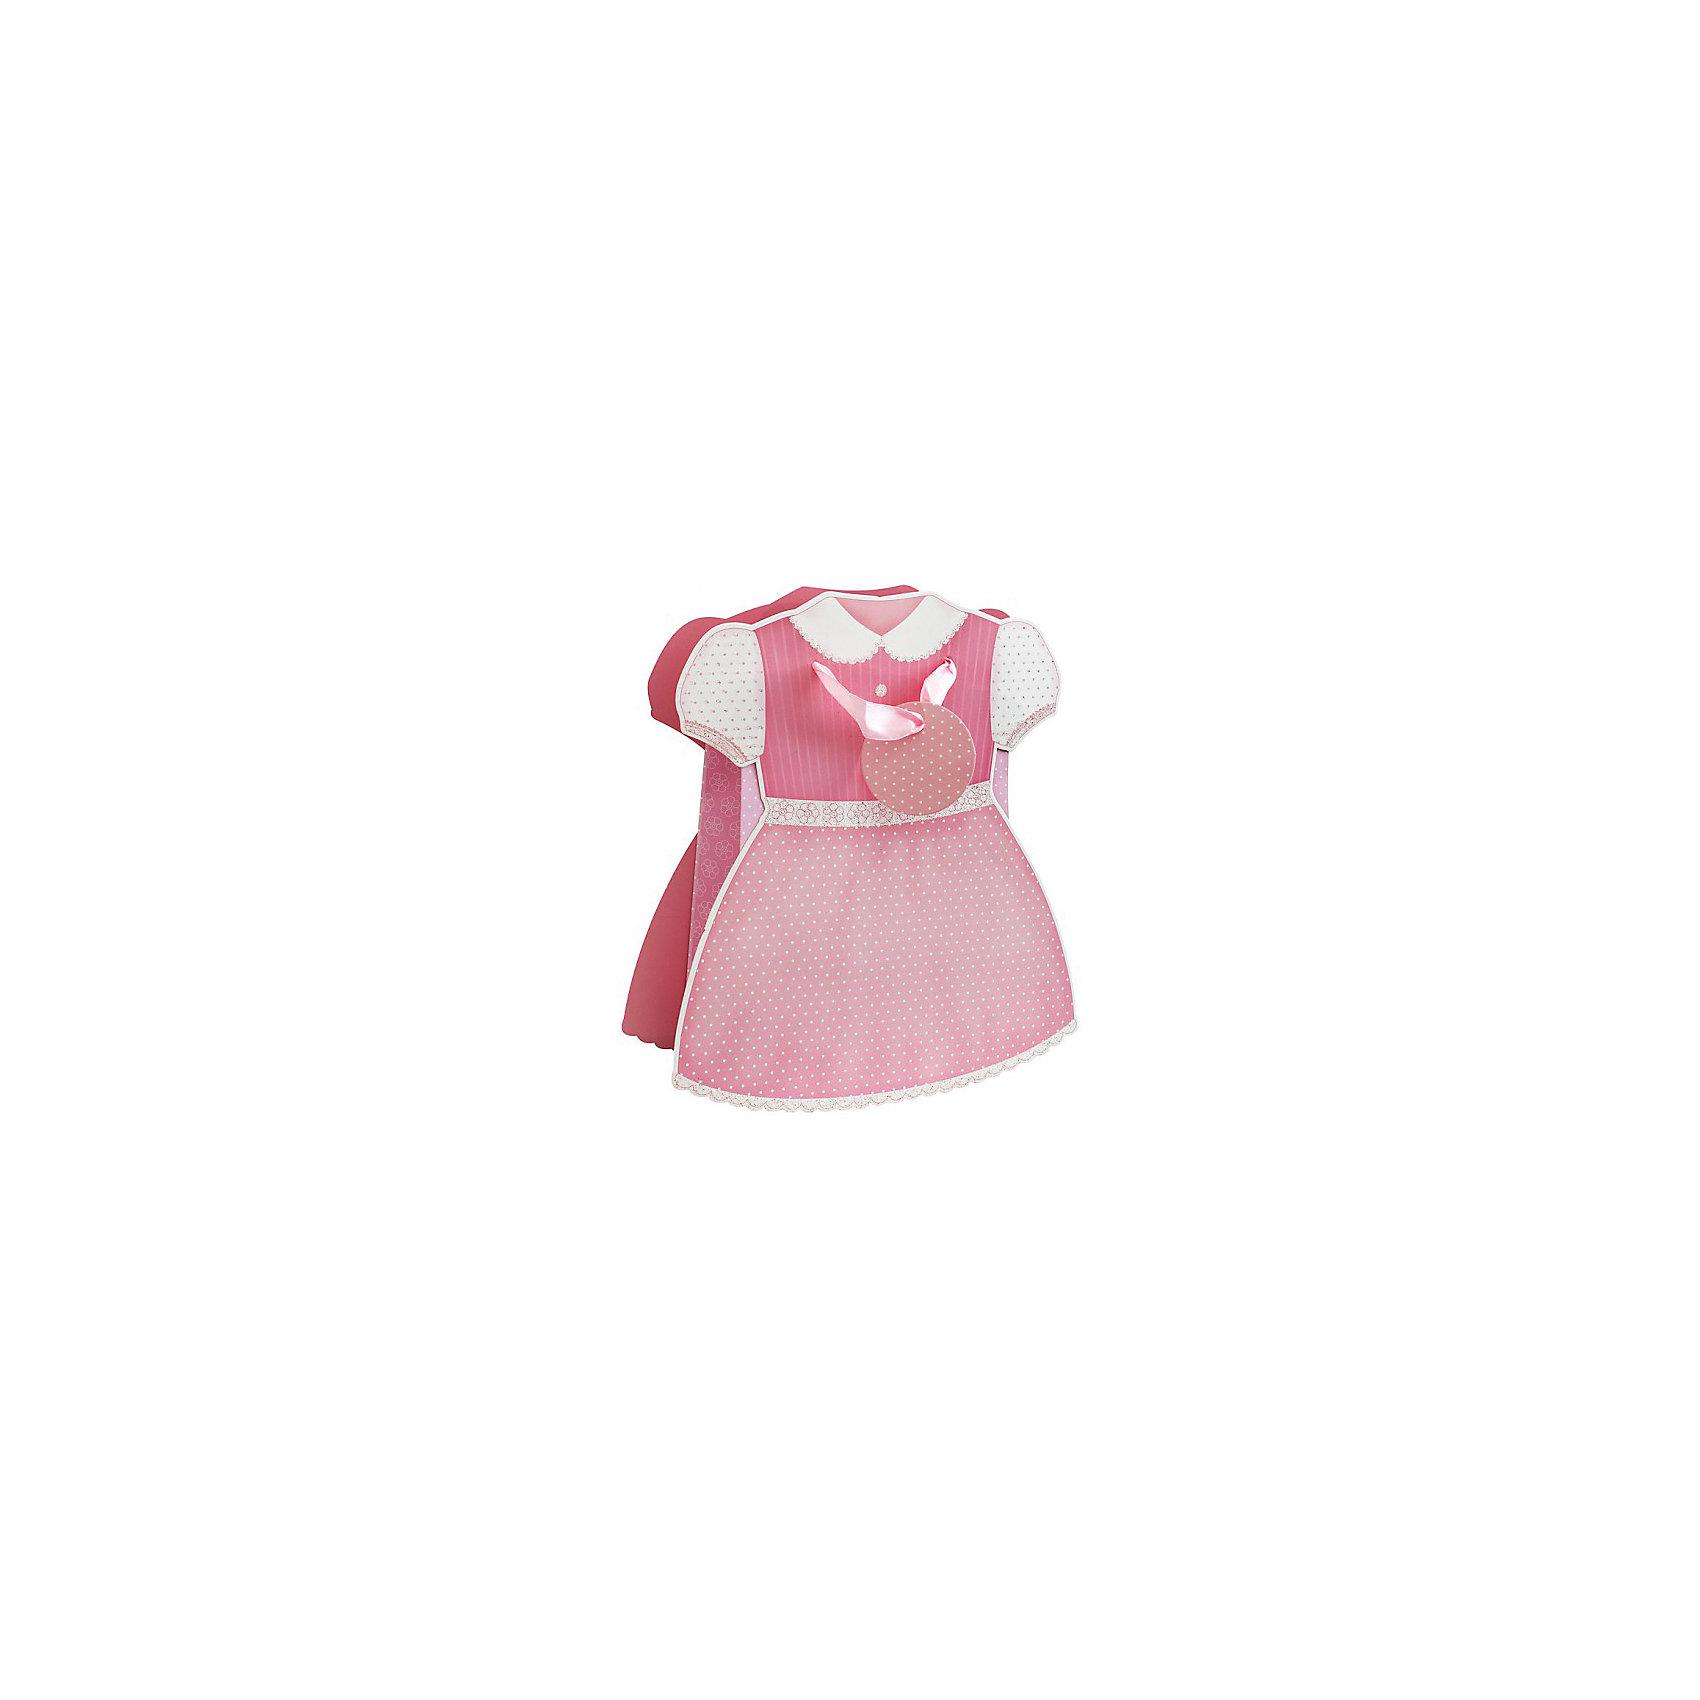 Пакет Розовое платьеАксессуары для скрапбукинга<br><br>Ширина мм: 195<br>Глубина мм: 160<br>Высота мм: 80<br>Вес г: 40<br>Возраст от месяцев: 72<br>Возраст до месяцев: 144<br>Пол: Унисекс<br>Возраст: Детский<br>SKU: 5089601